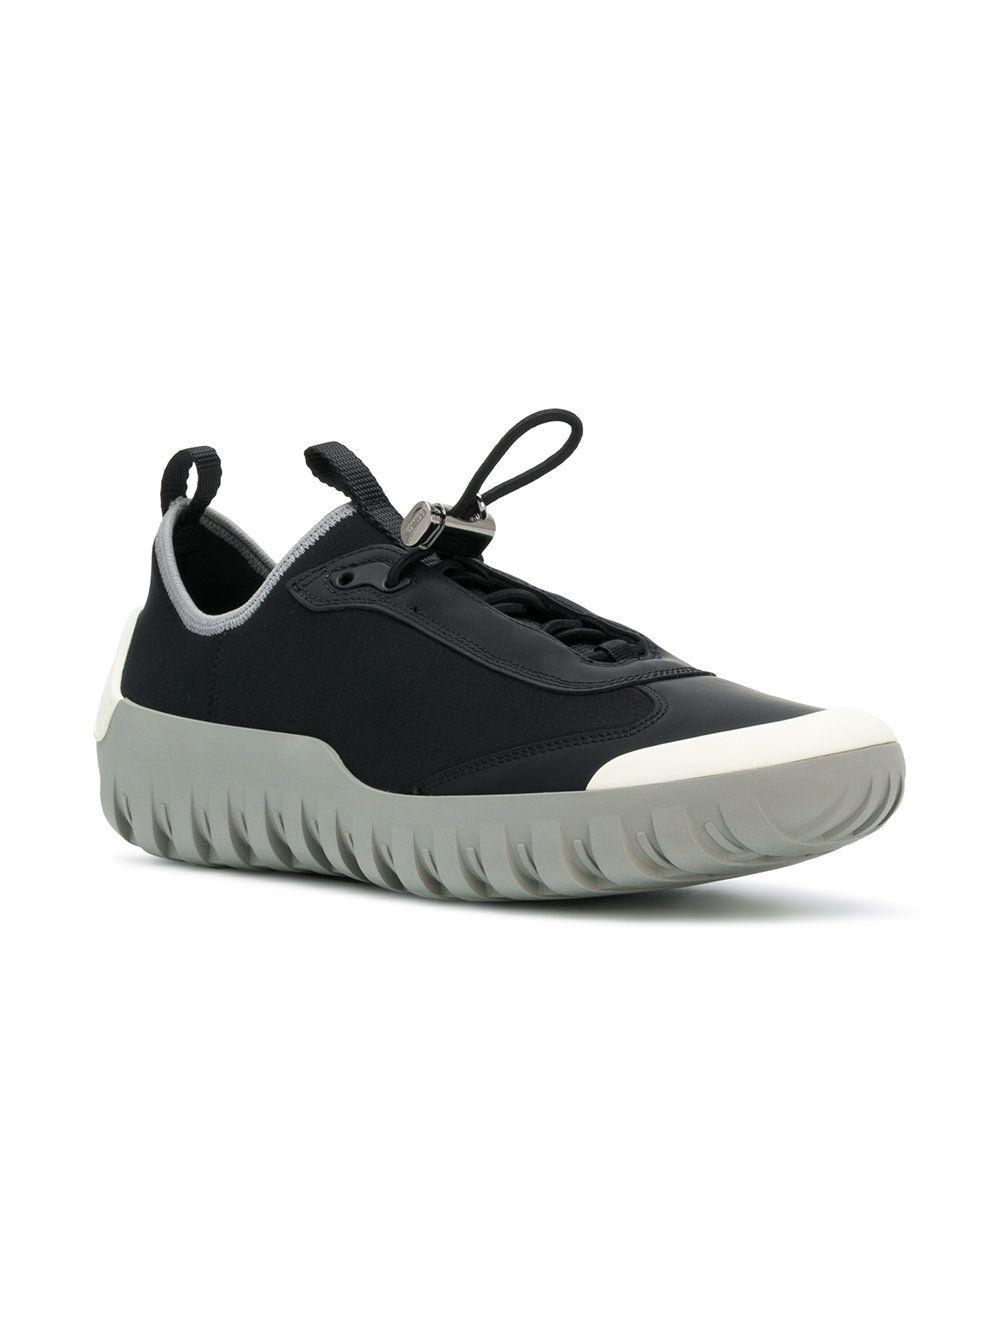 Prada Neoprene laceless sneakers